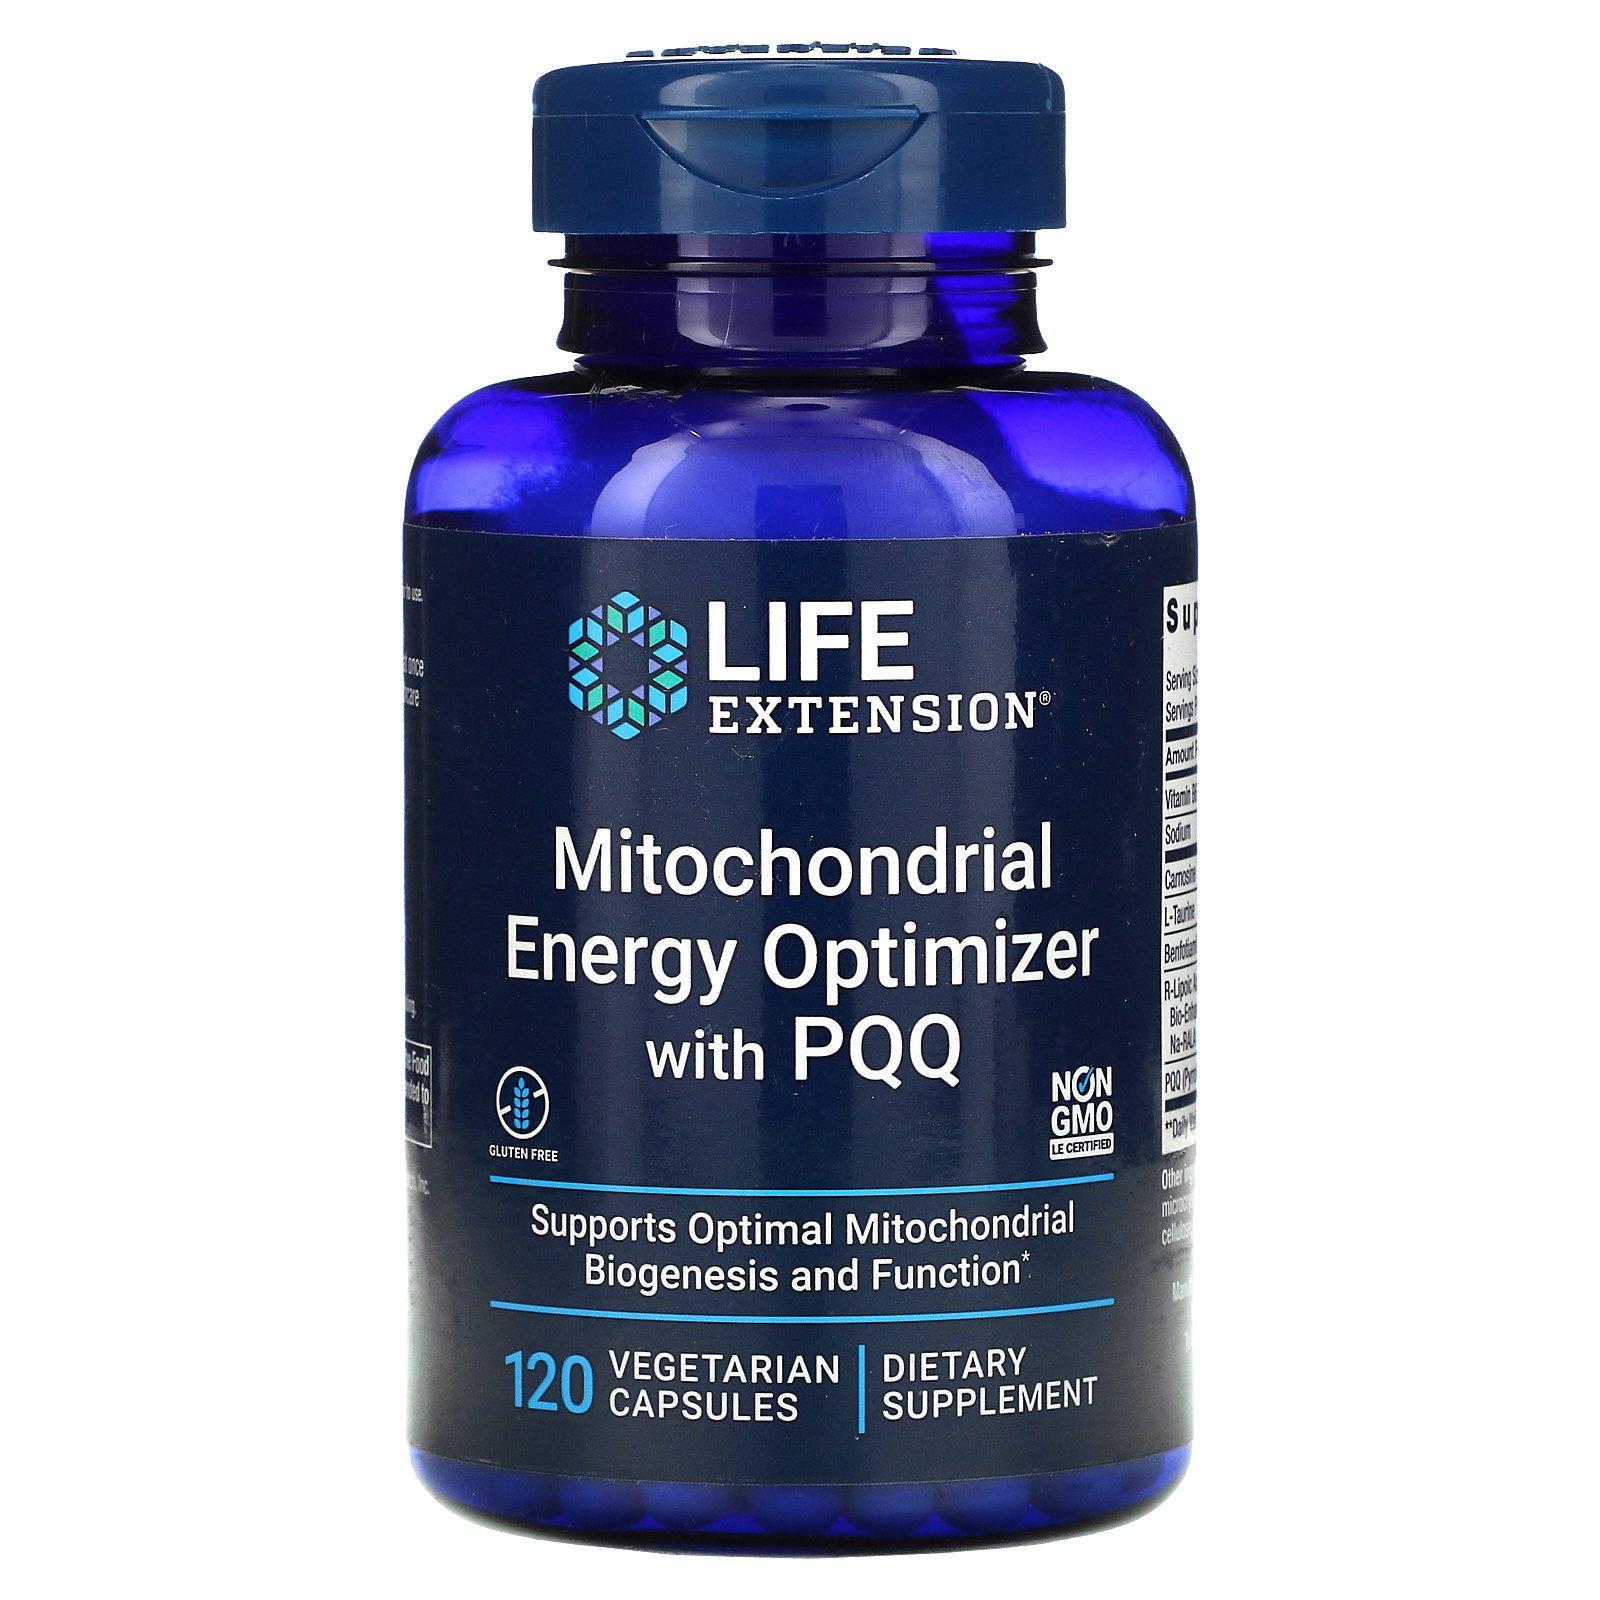 Life Extension, средство для оптимизации энергии митохондрий с PQQ, 120 вегетарианских капсул